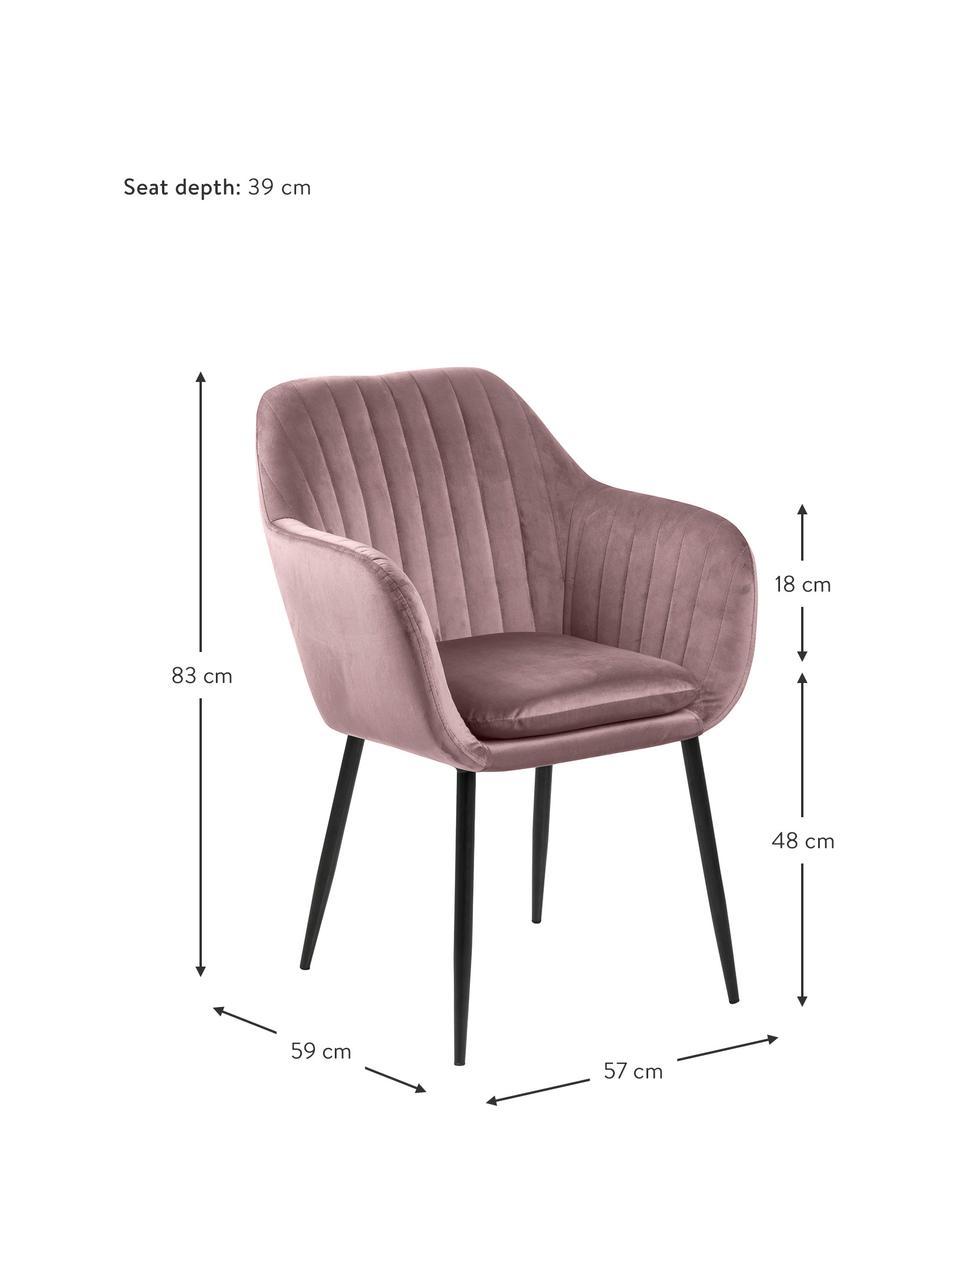 Krzesło z podłokietnikami z aksamitu i metalowymi nogami Emilia, Tapicerka: aksamit poliestrowy Dzięk, Nogi: metal lakierowany, Aksamitny blady różowy, czarny, S 57 x G 59 cm